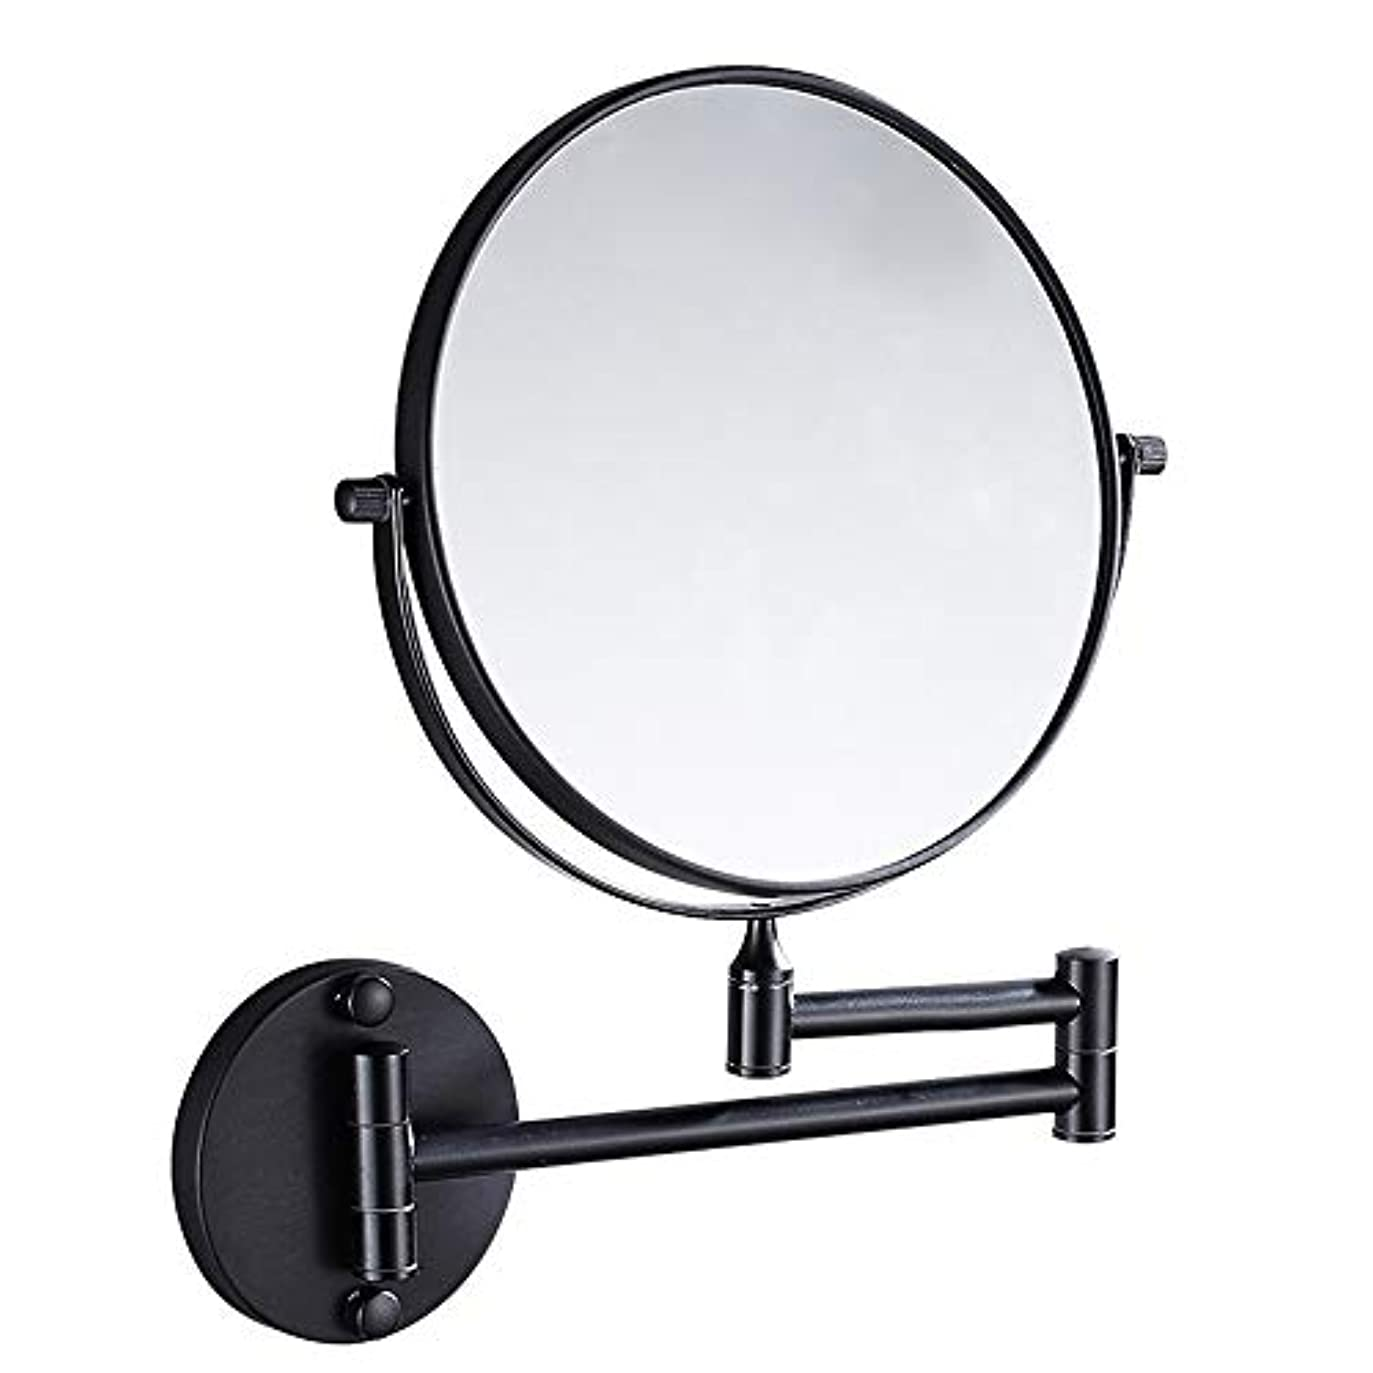 流行の ブラック銅ミラー浴室壁掛け折りたたみ美容ミラー両面望遠鏡拡大鏡8インチパンチフリー